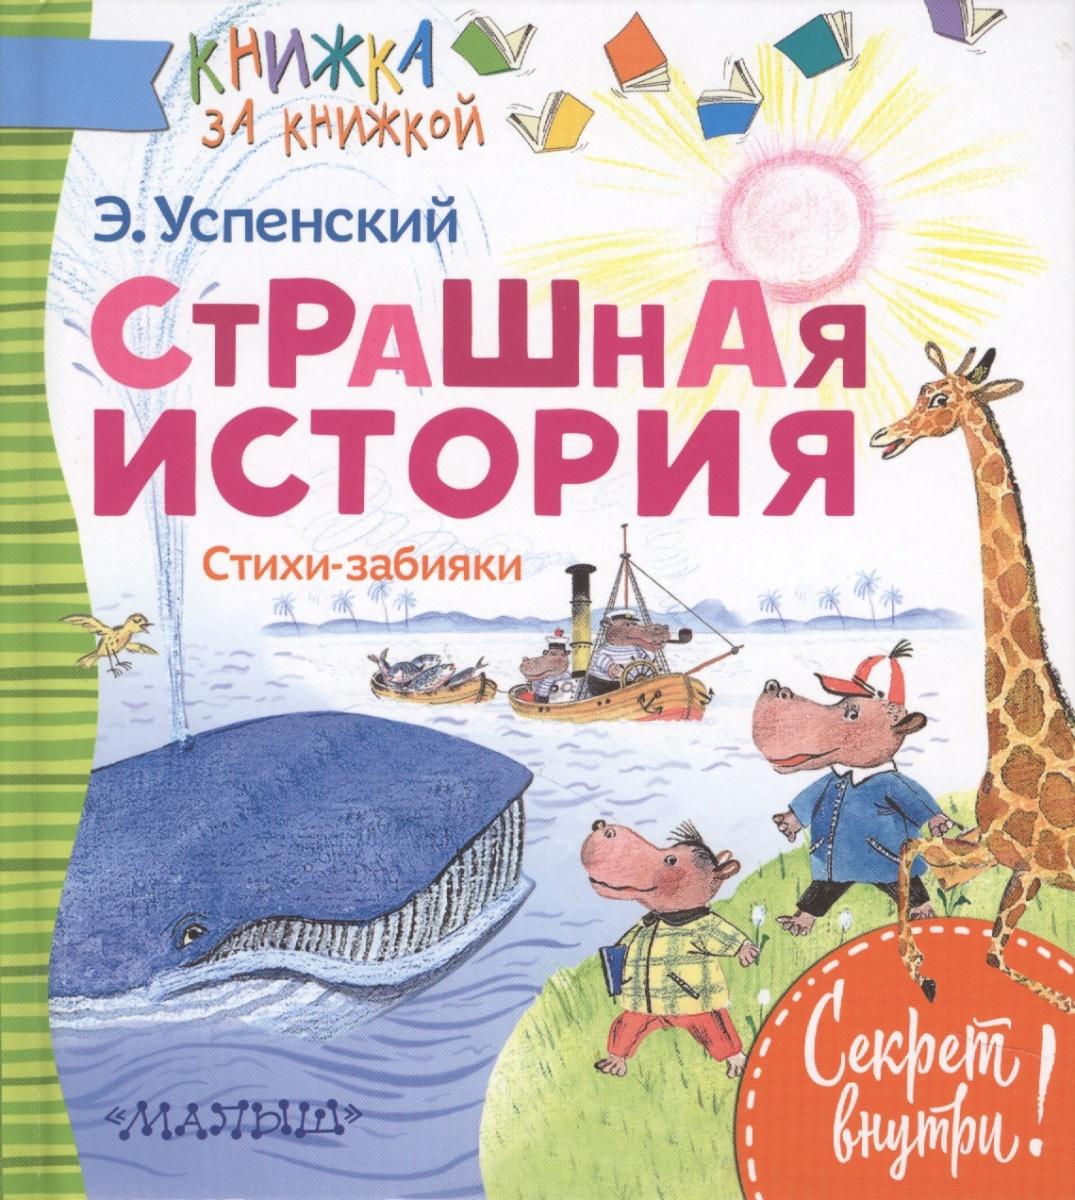 Успенский Э. Страшная история. Стихи-забияки